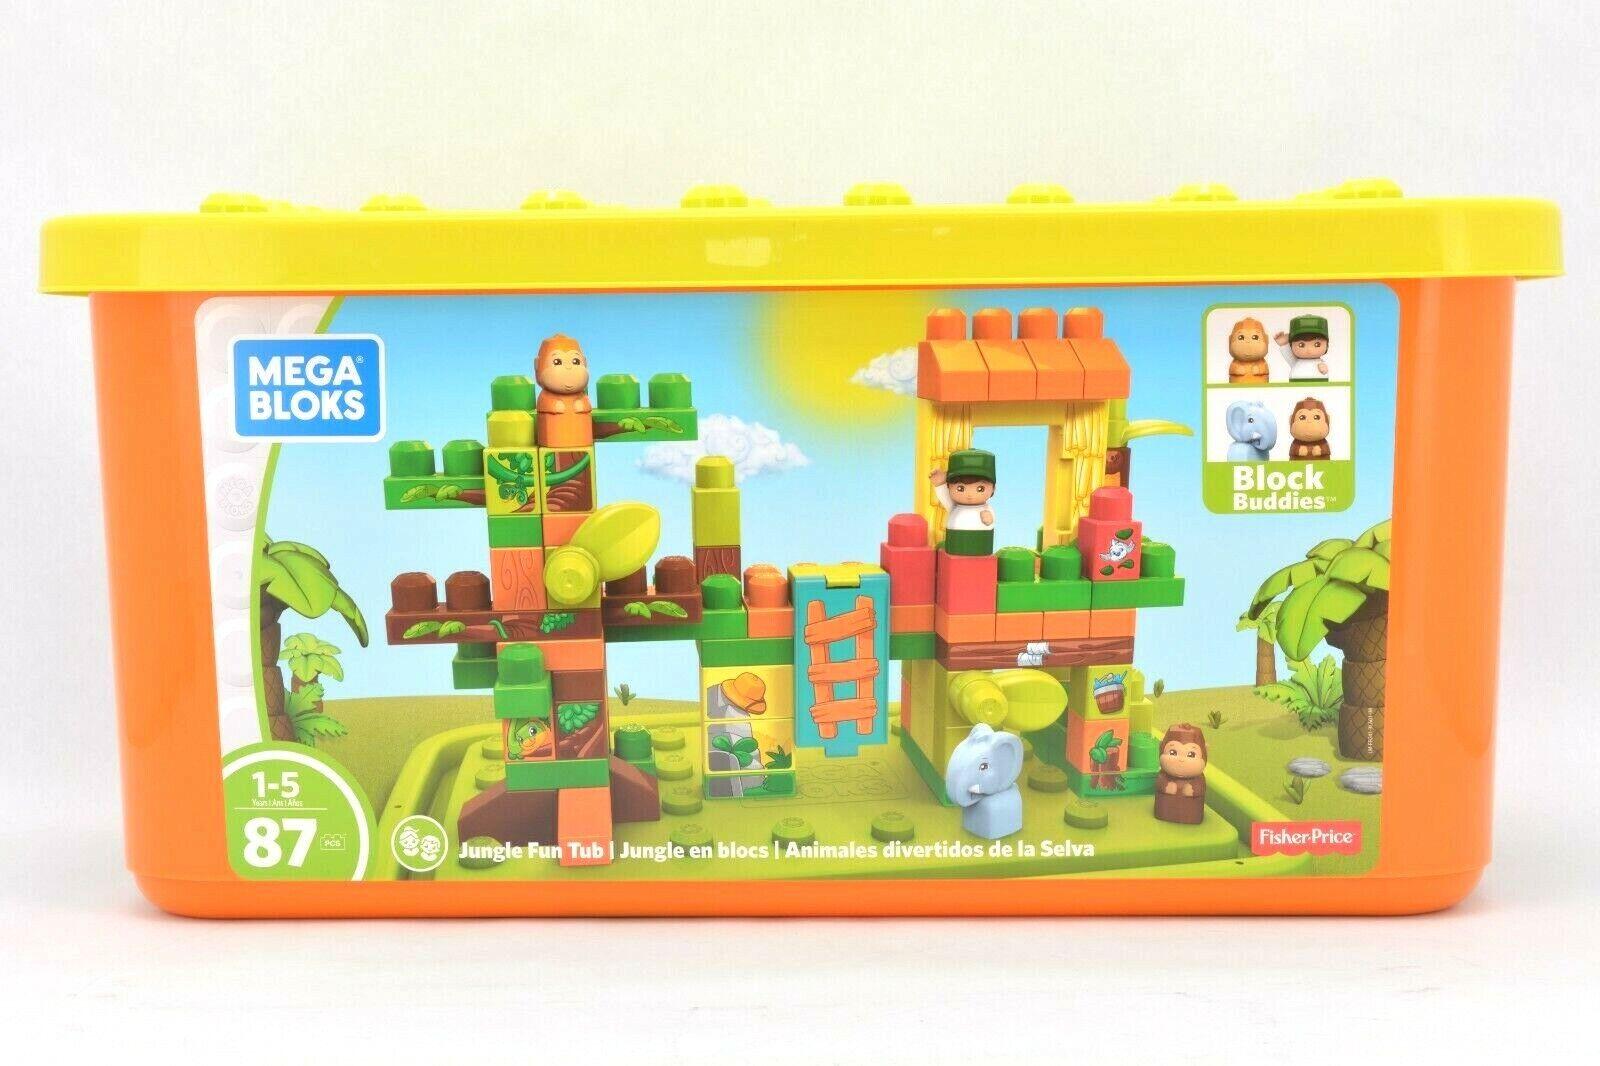 Fisher-Price Mega Bloks Jungle Fun Tub